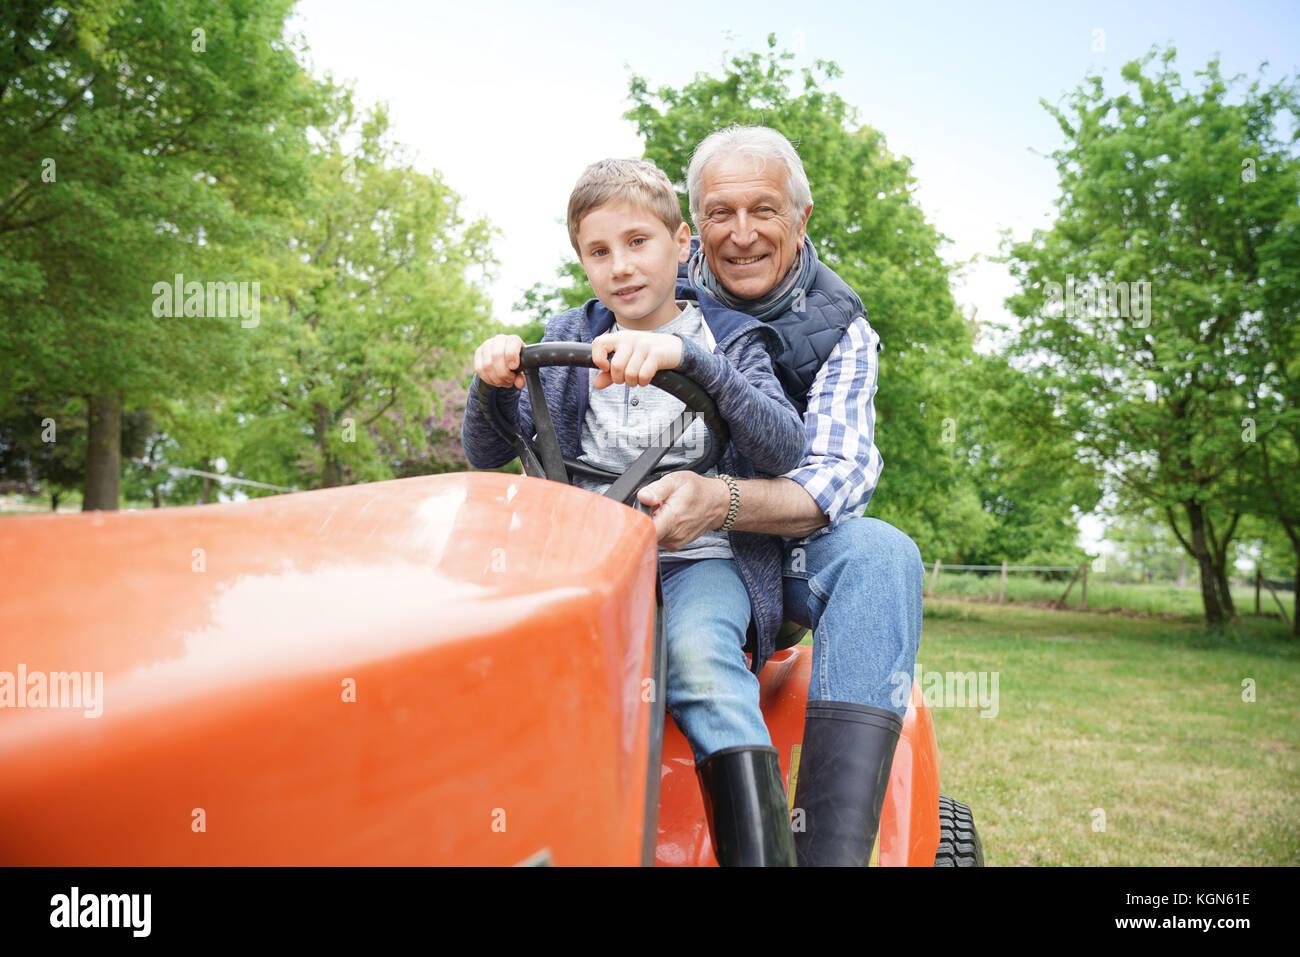 Senior uomo con grandkid equitazione sulla falciatrice Immagini Stock